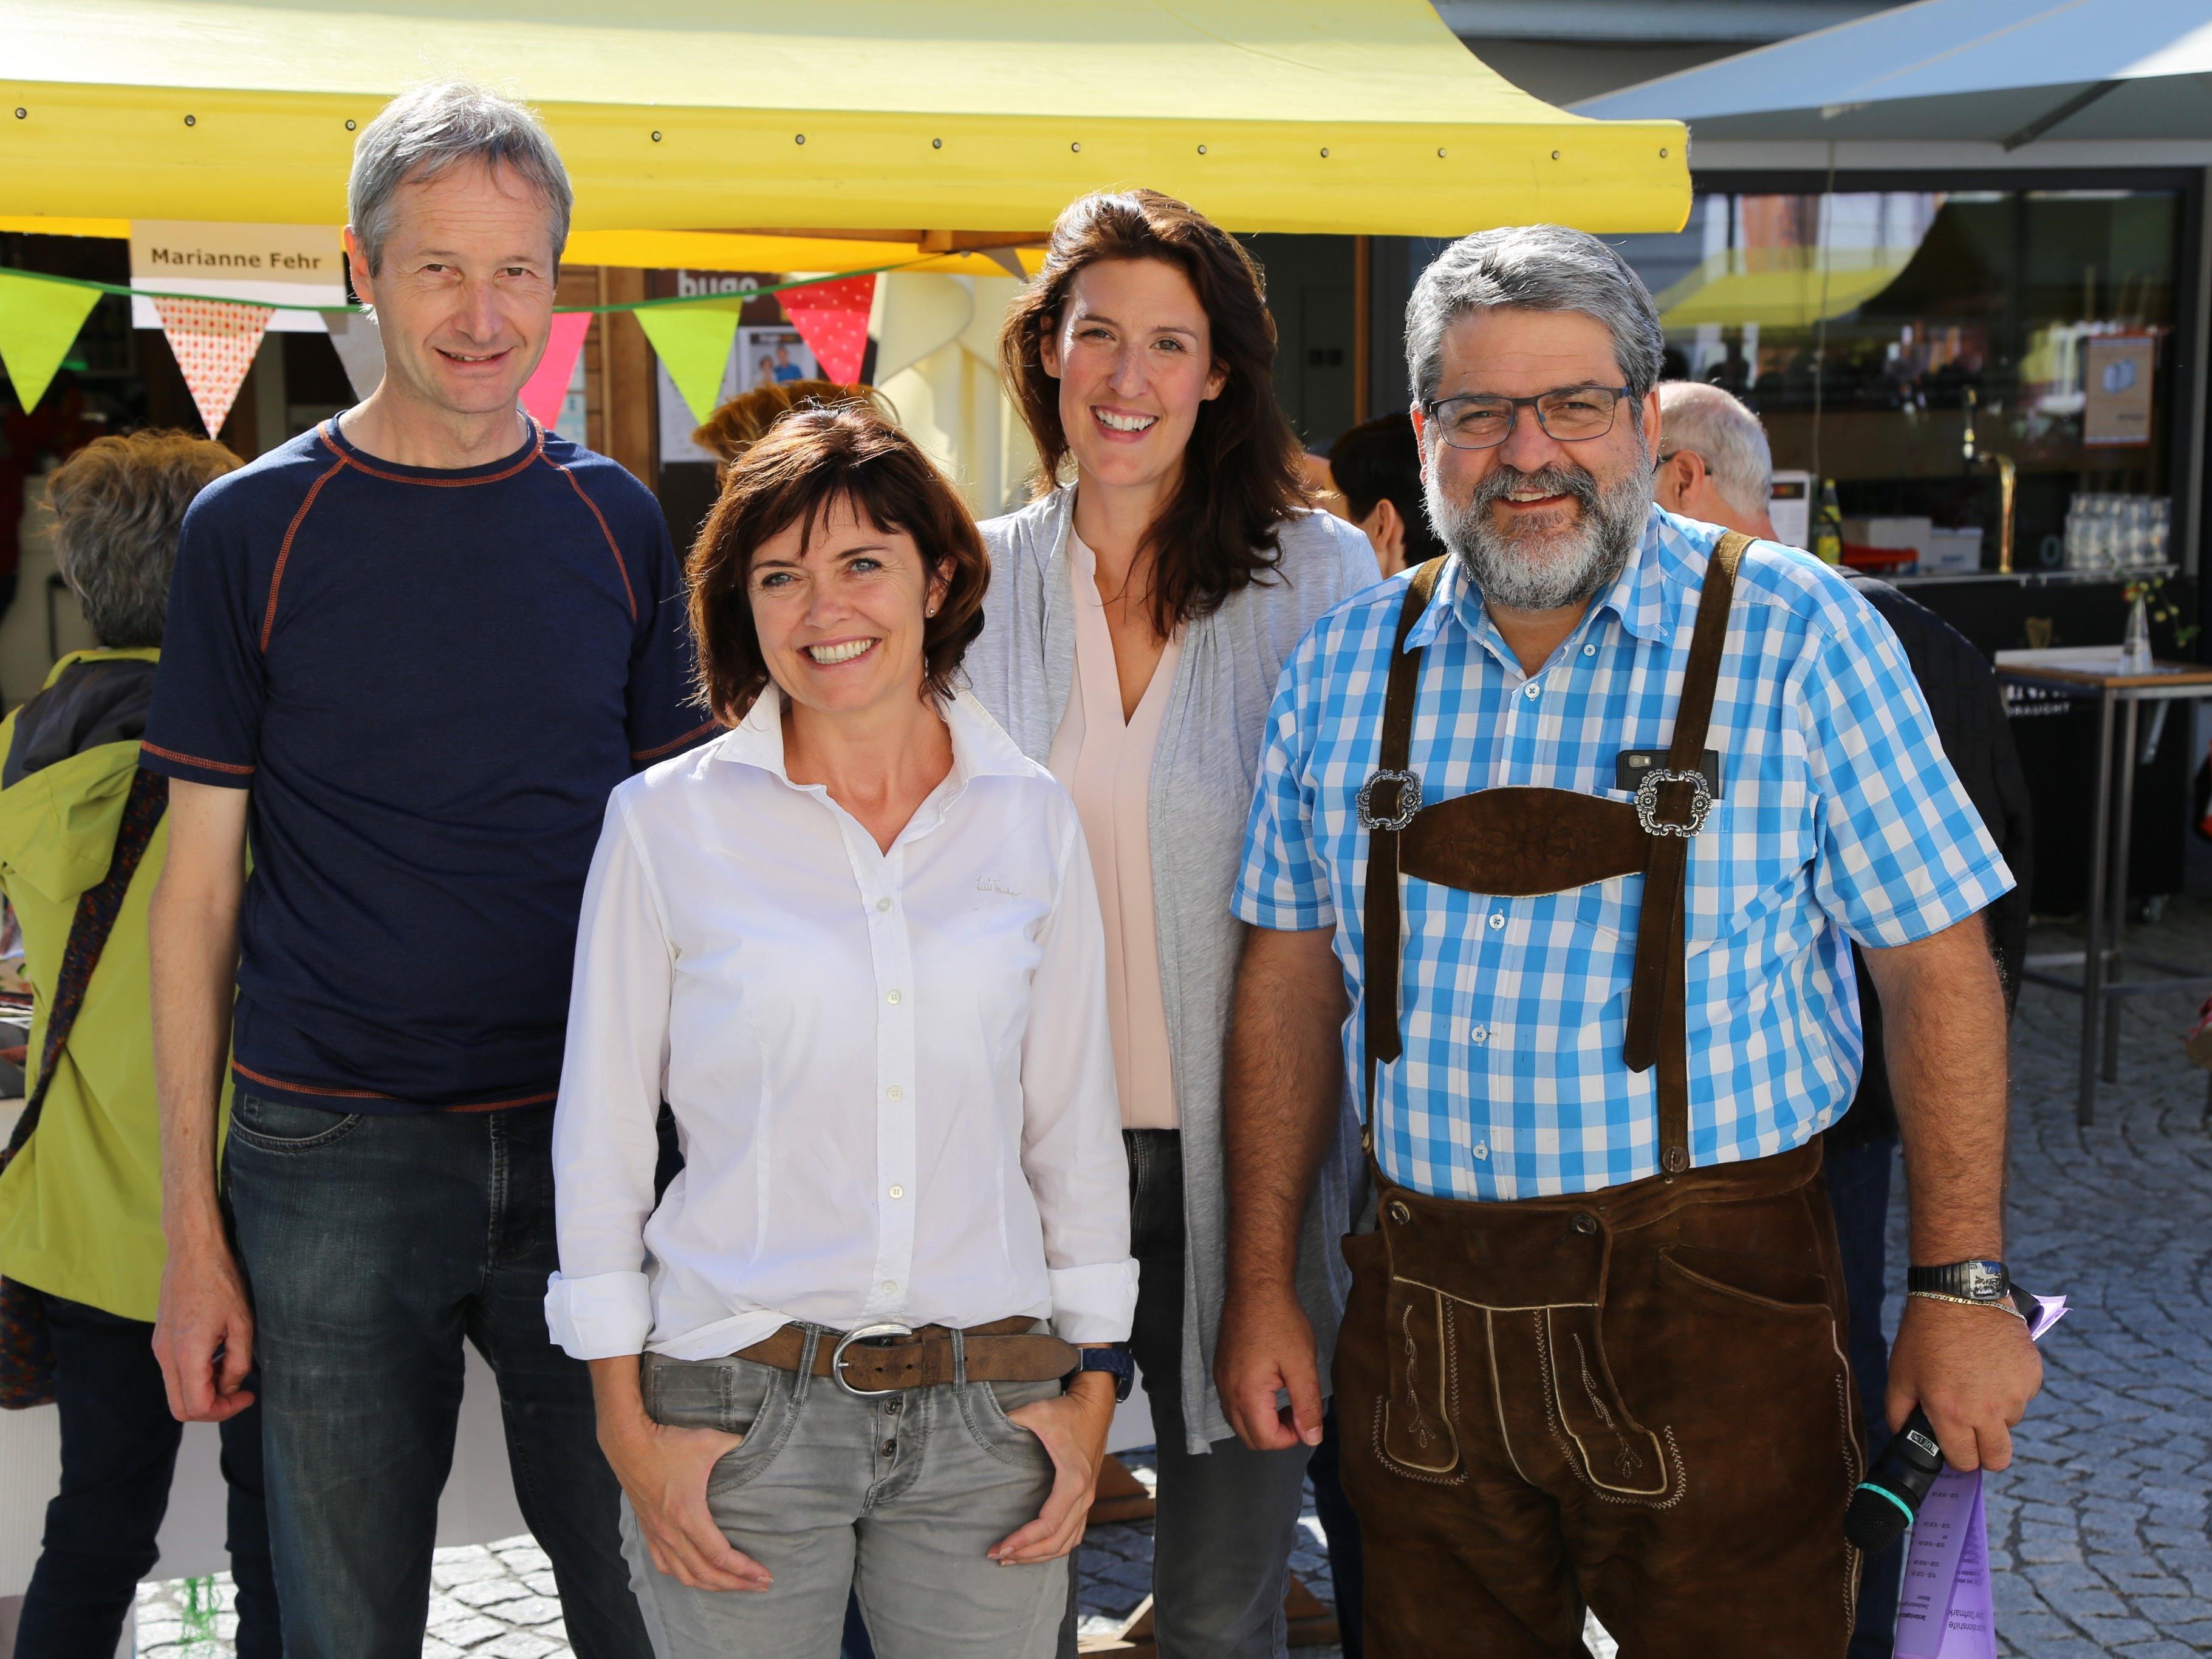 Richard Sonderegger, Marianne Fehr, Kerstin Gabriel und Dorfmarkt-Moderator (v. l.) freuten sich über das positive Feedback.